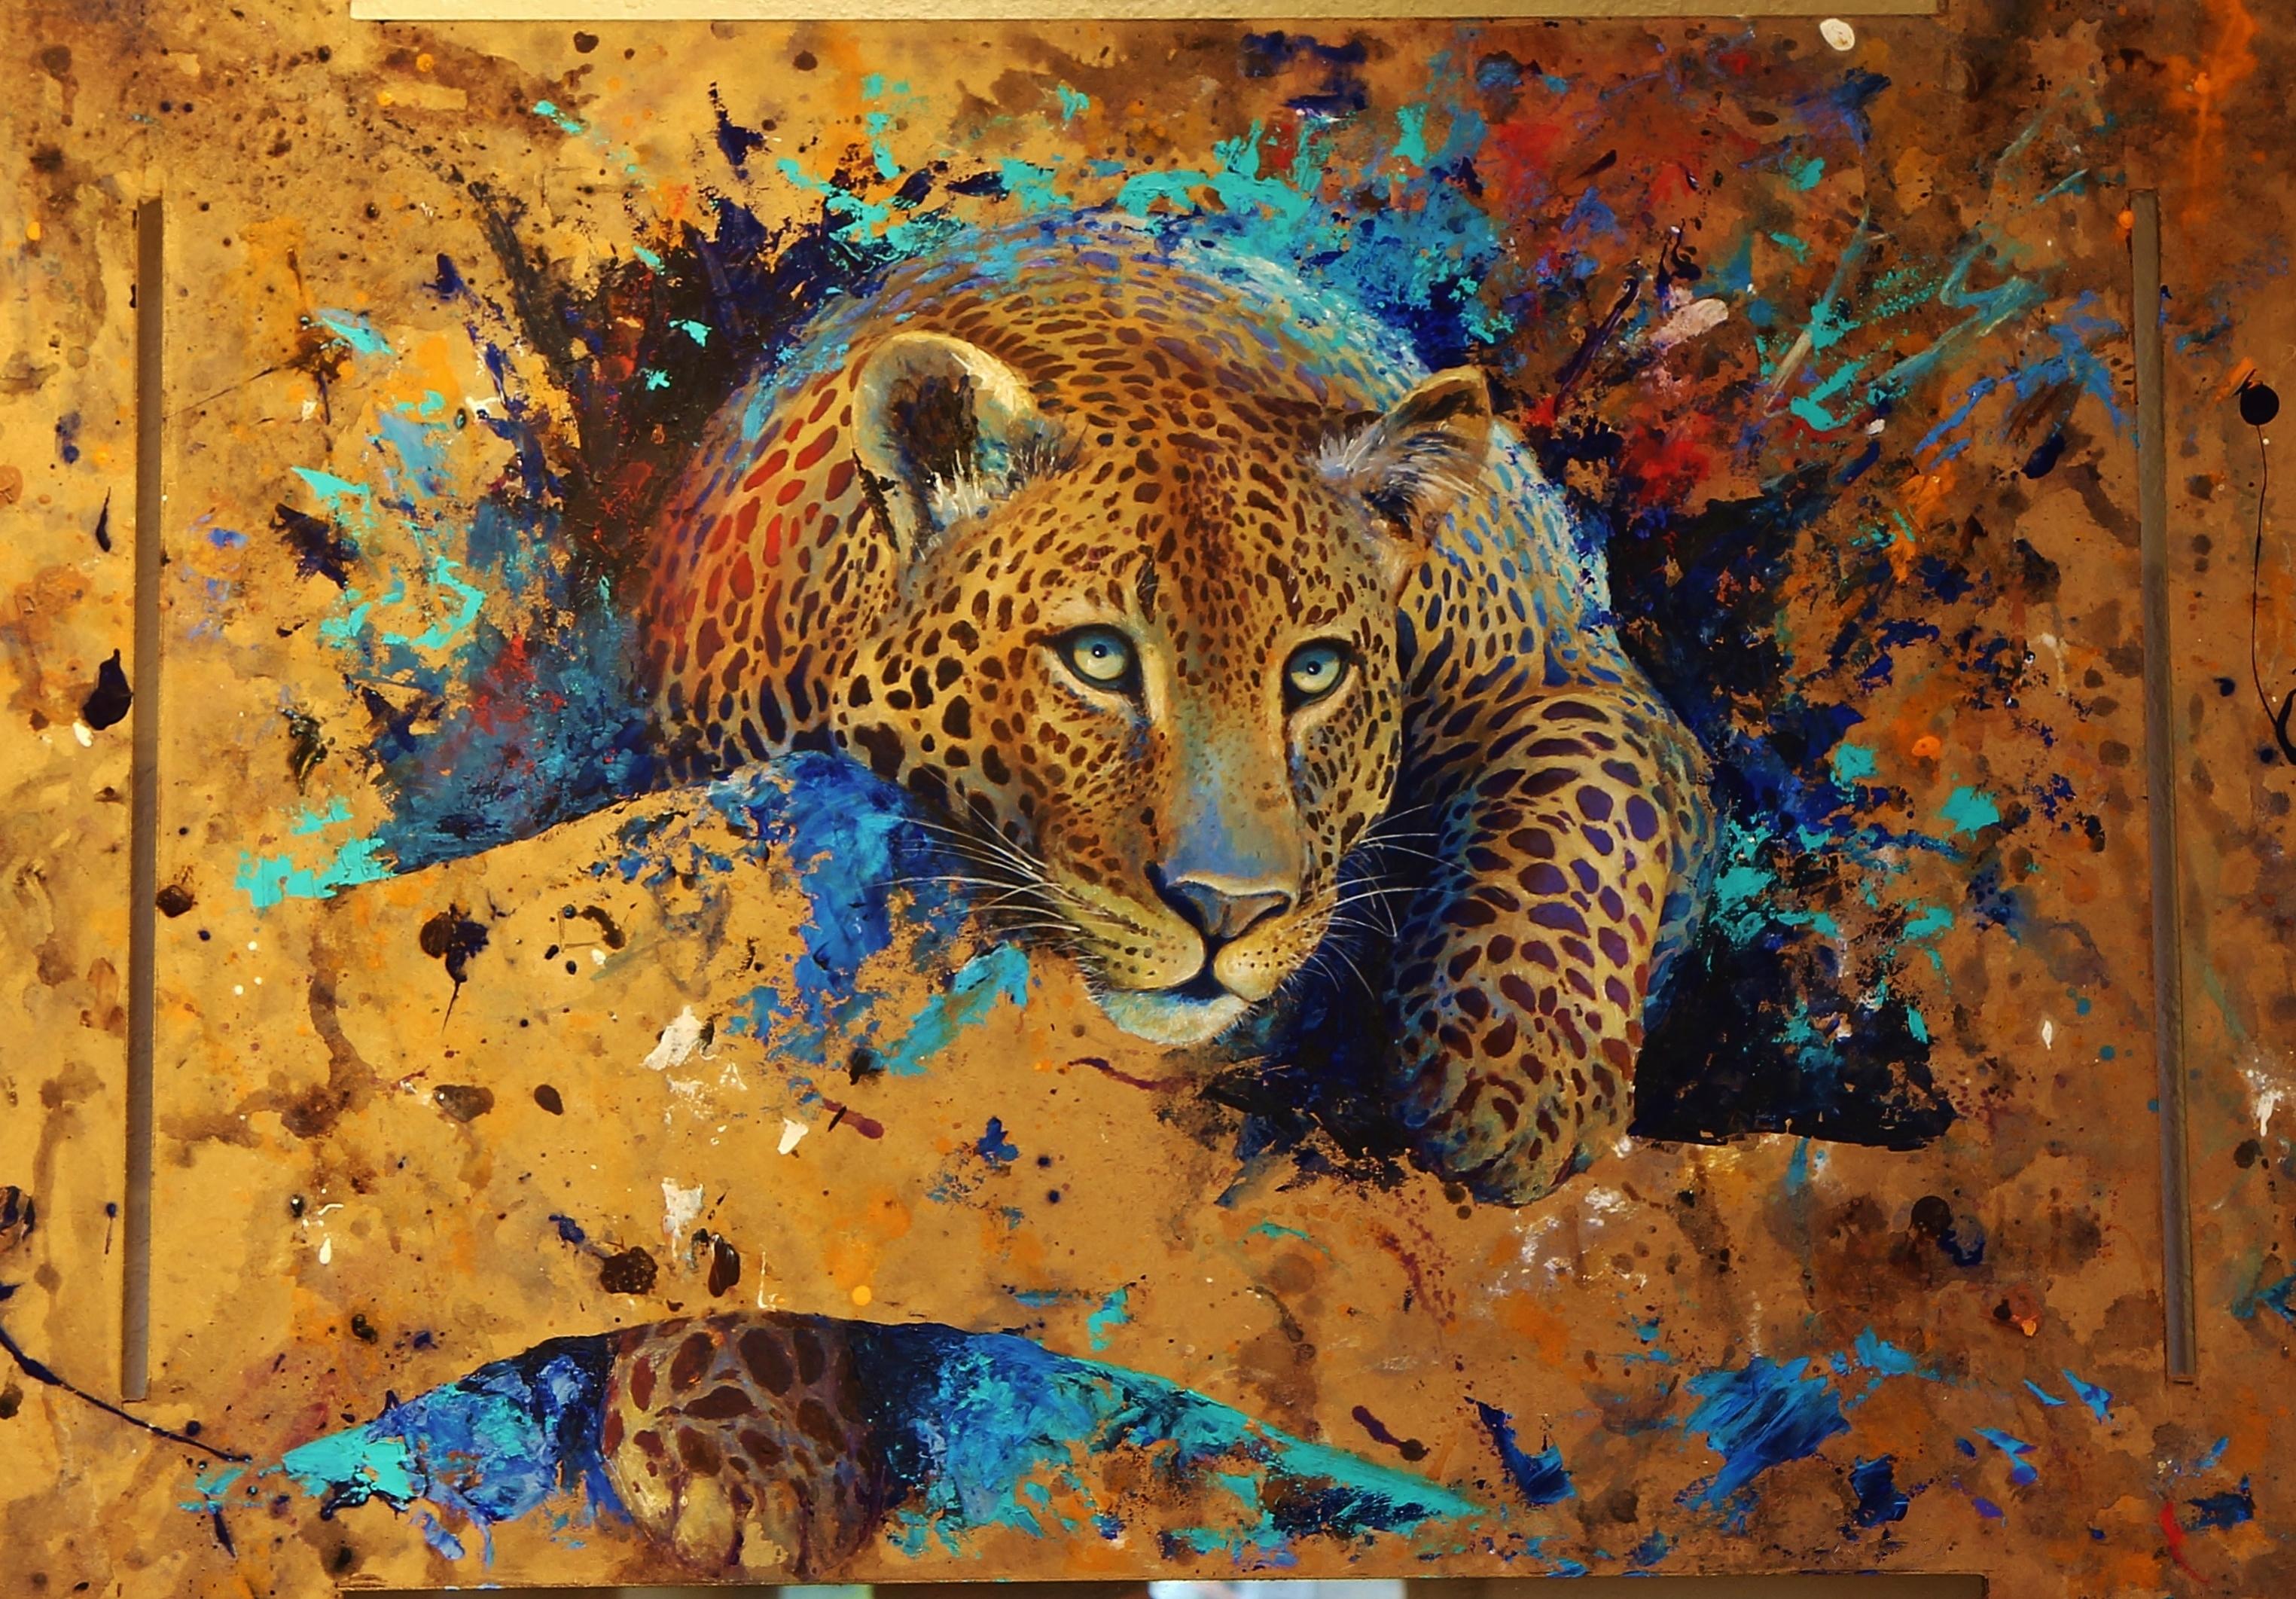 картинки леопарда абстракция может быть лучше